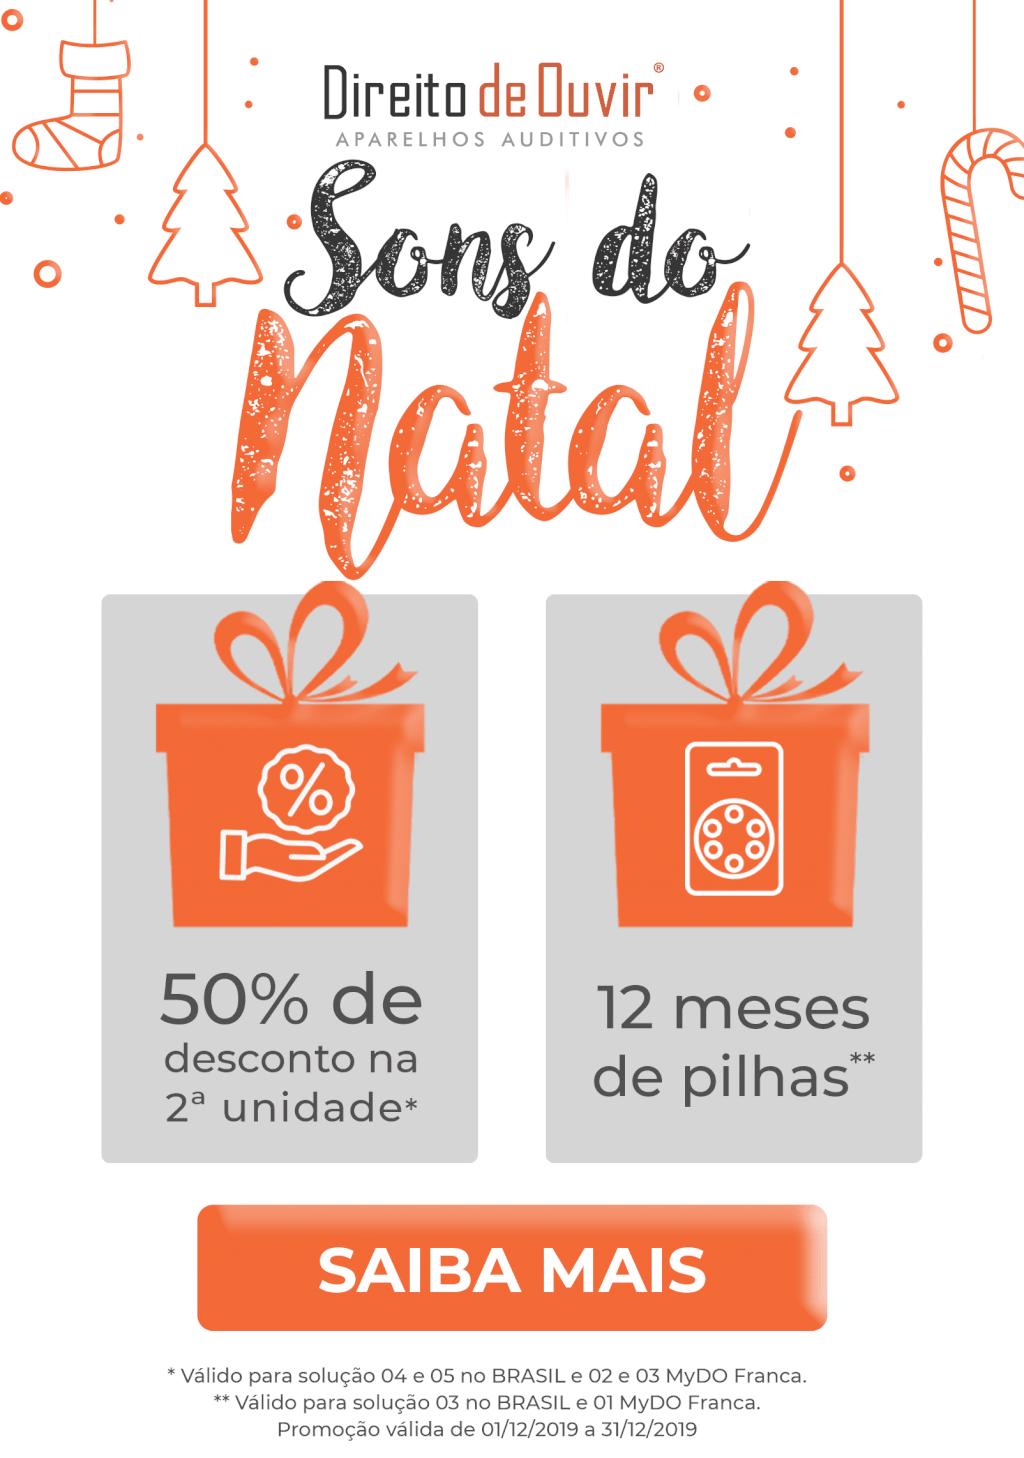 Direito de Ouvir Aparelhos Auditivos - Natal 2019